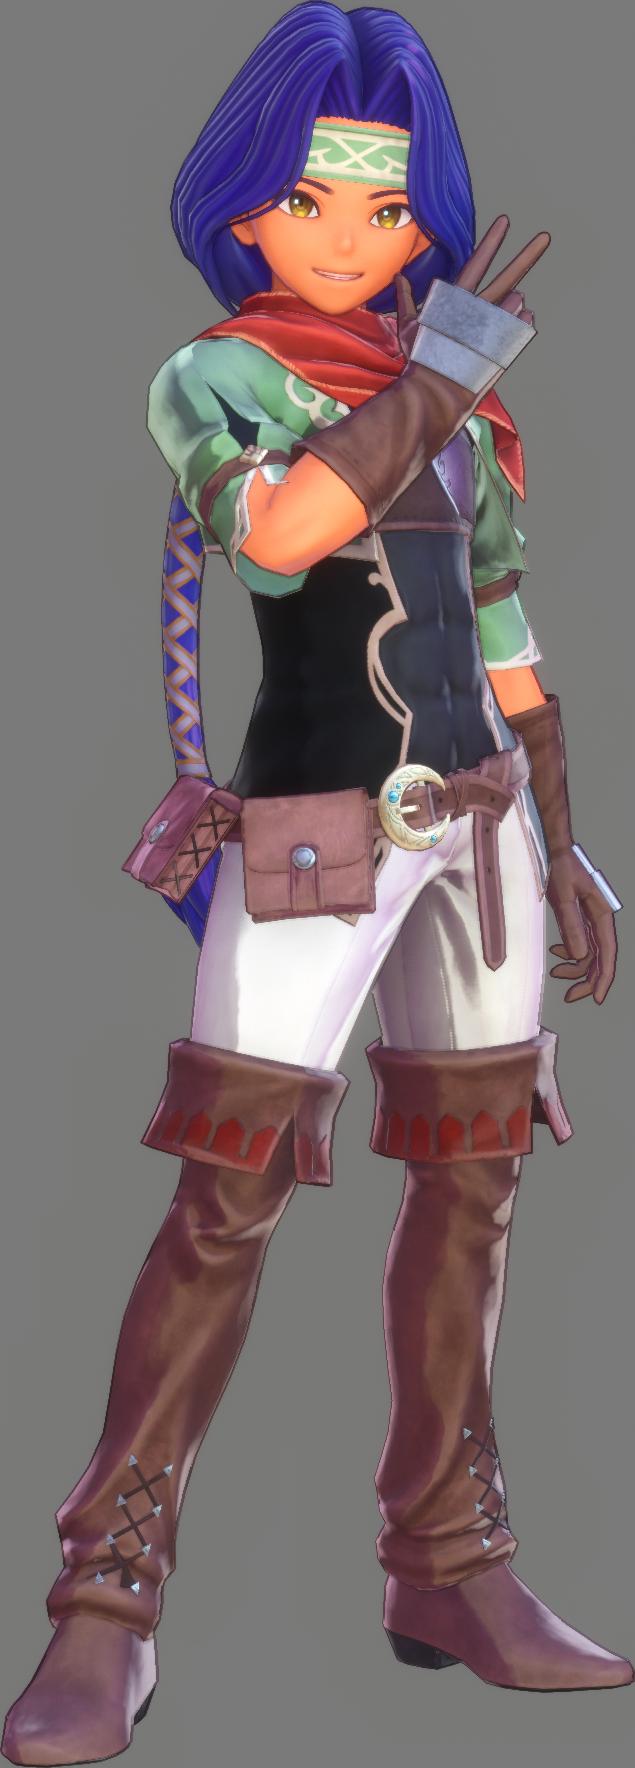 Ranger (Trials of Mana)